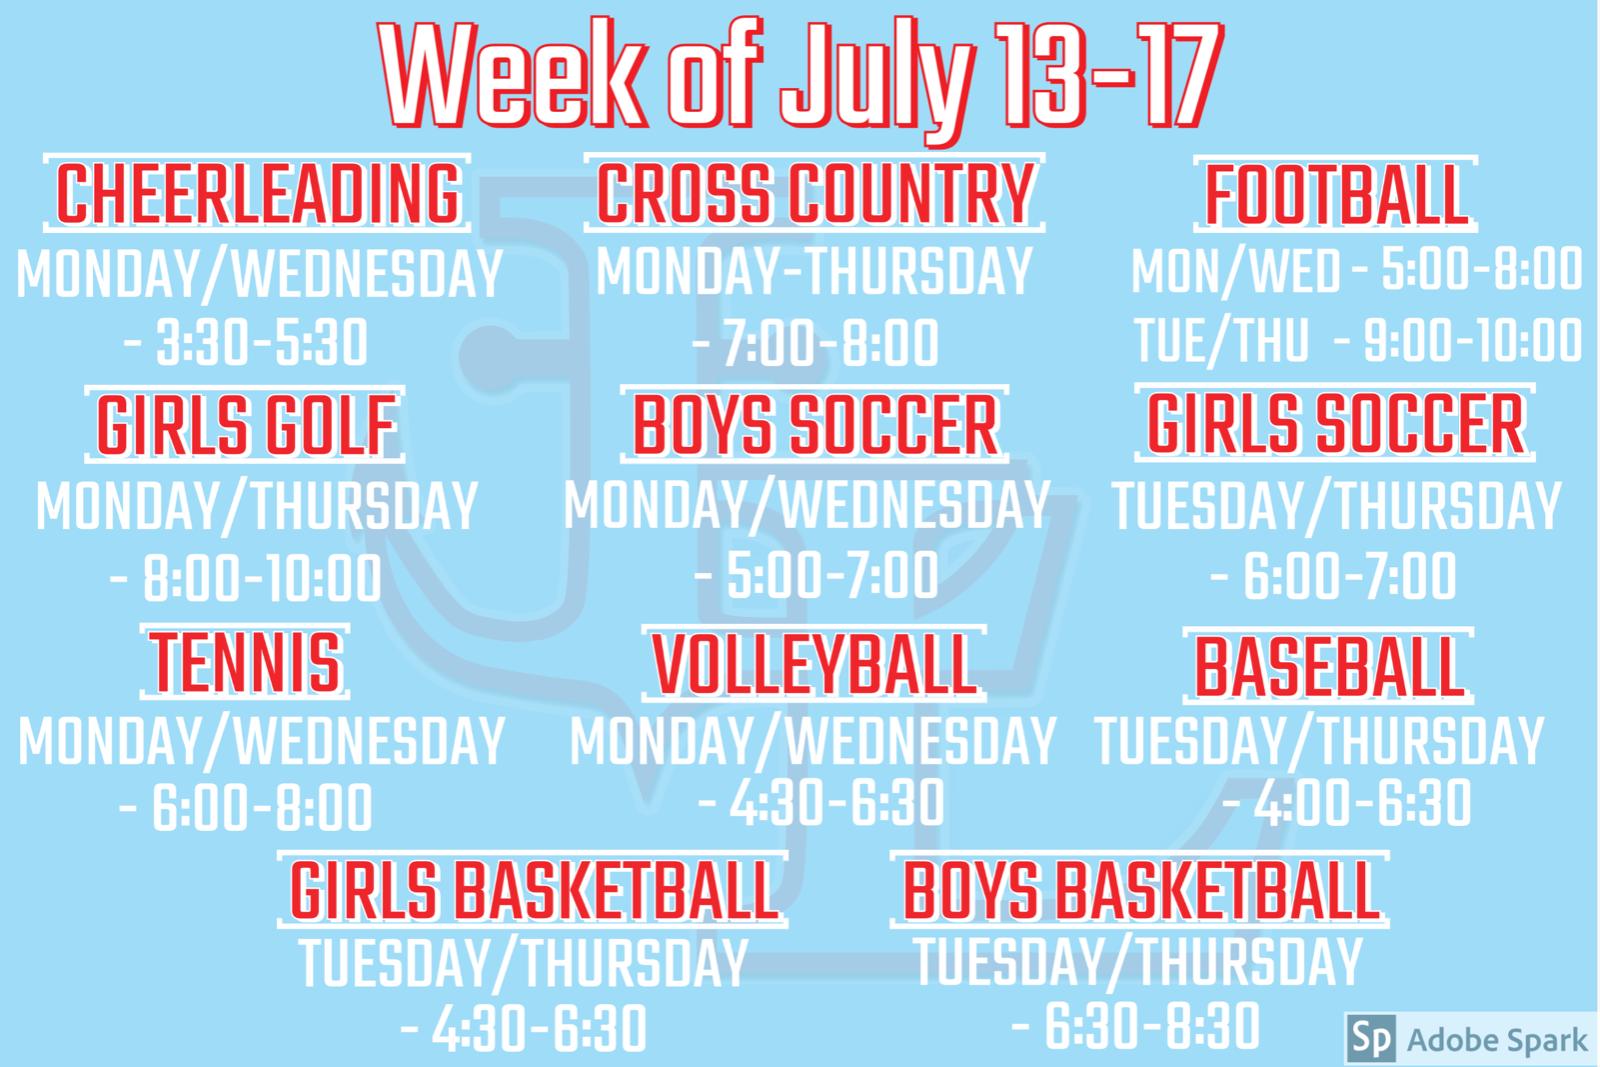 Practice Schedule   July 13-17